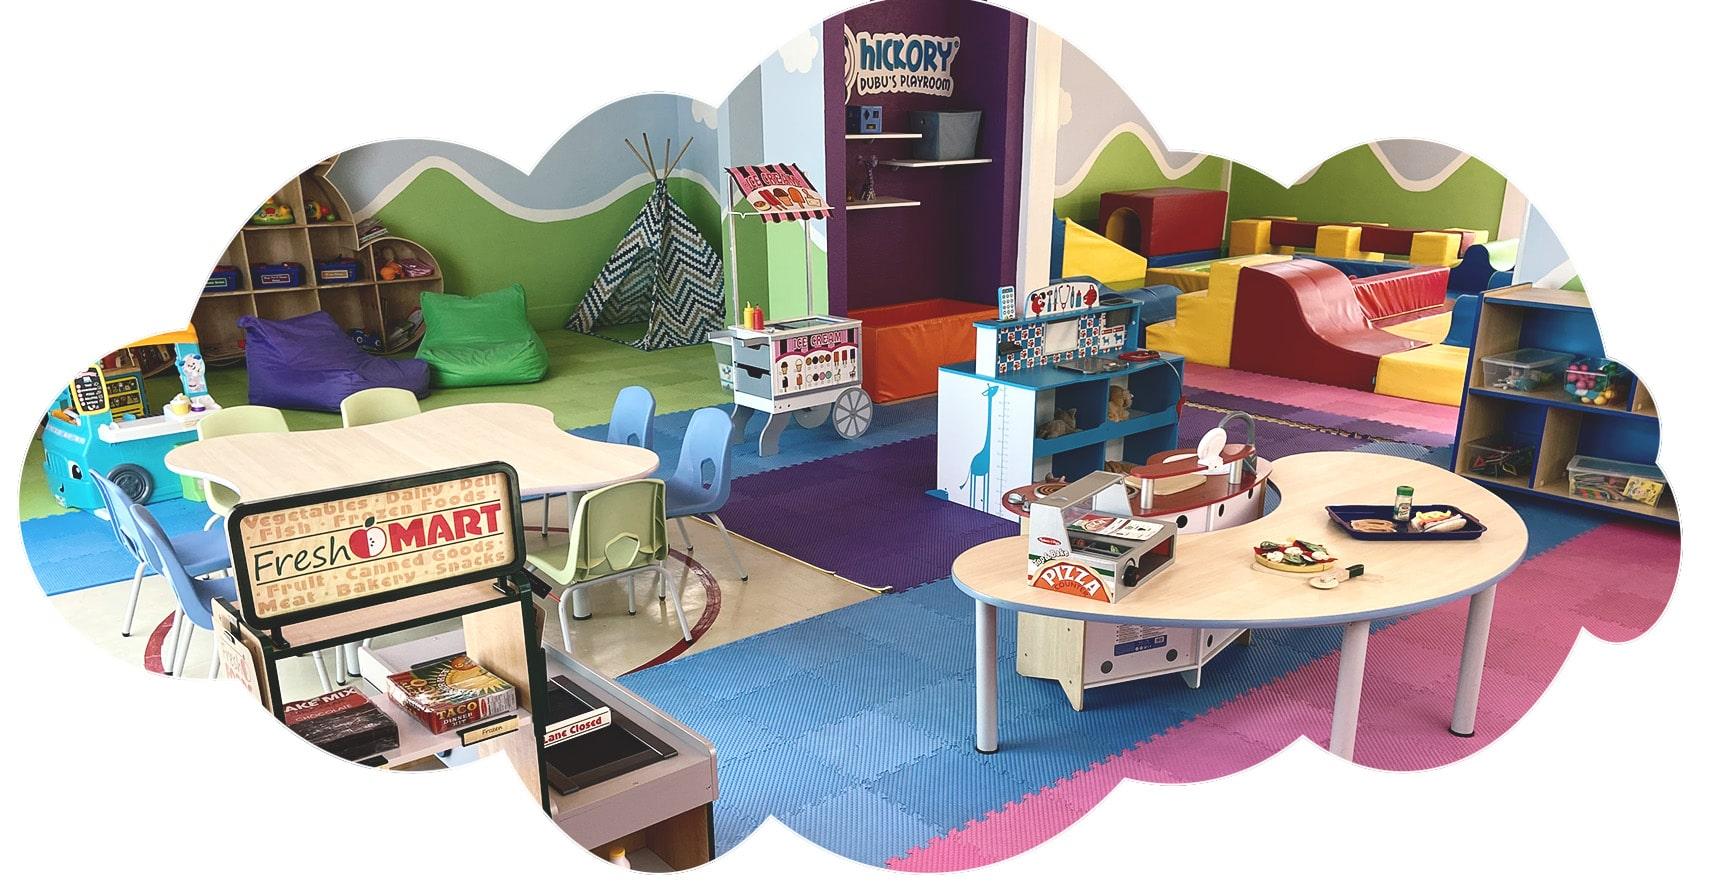 hickory-dubus-playroom-juriquilla-queretaro-preescolar-preeschool-kinder